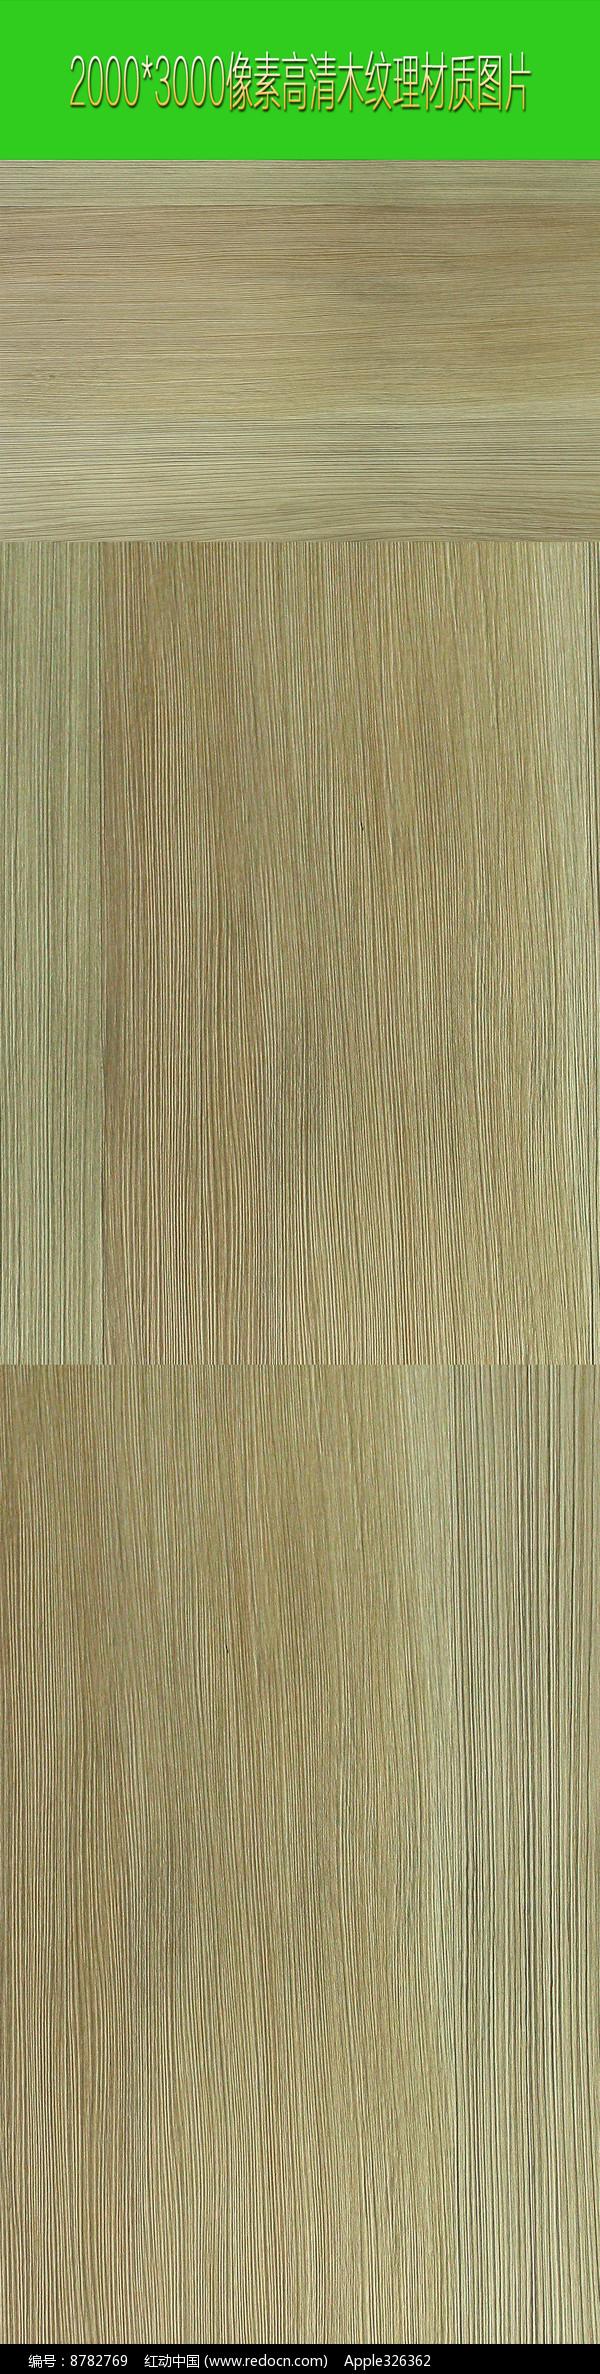 高清木纹理材质图片